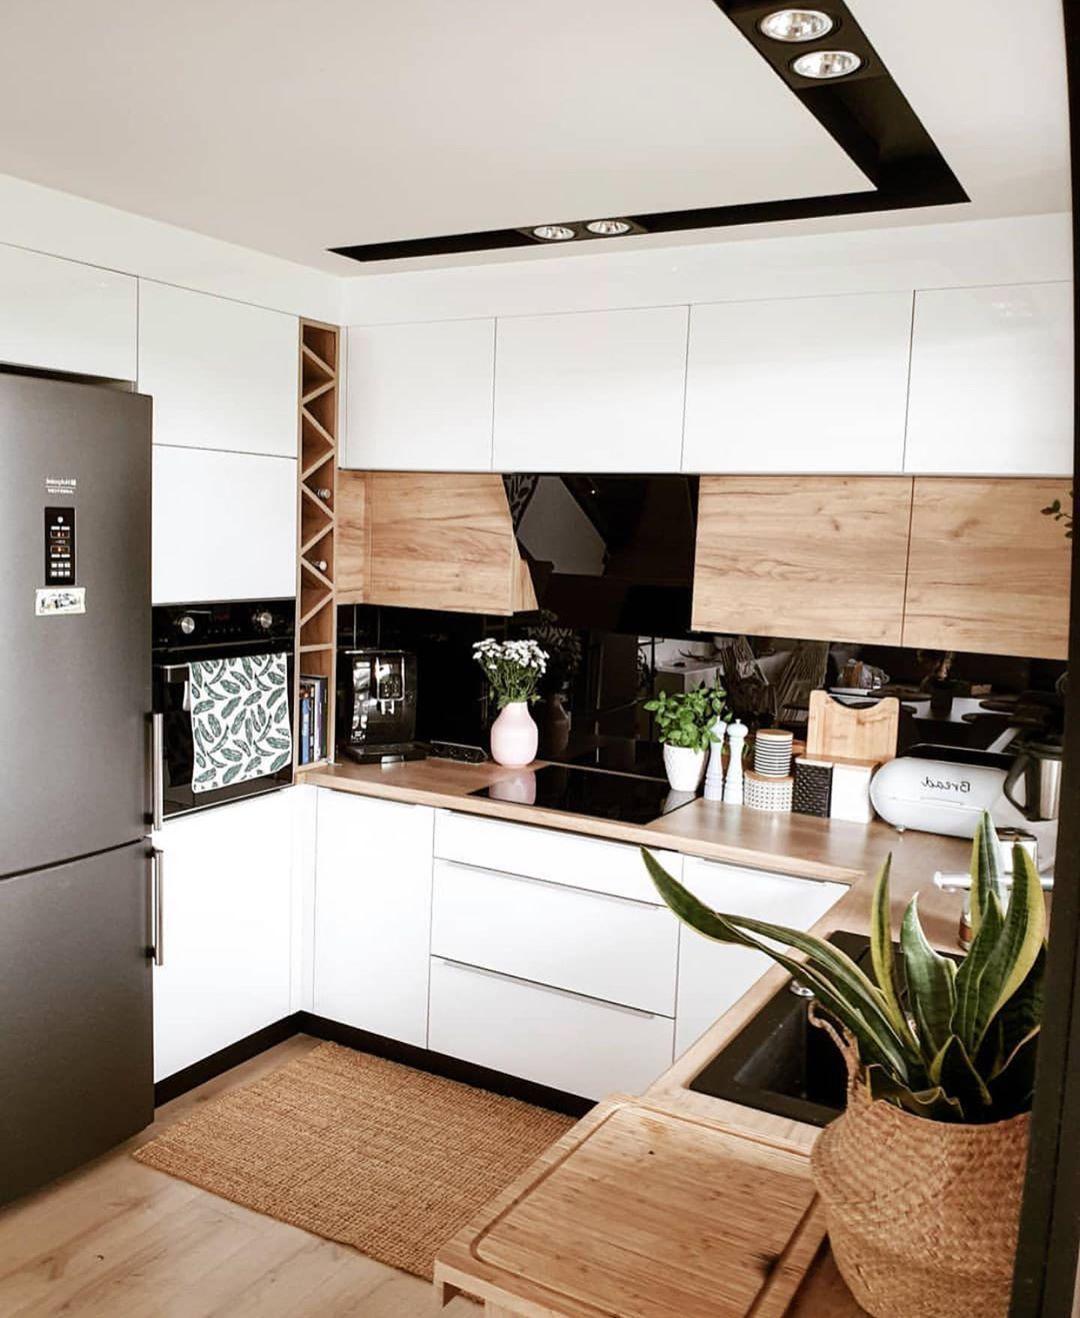 """Inspi_Deco auf Instagram: """"️ Küchendekor � � Inspi @my_hygge_my_home #picoftheday #instalike..."""